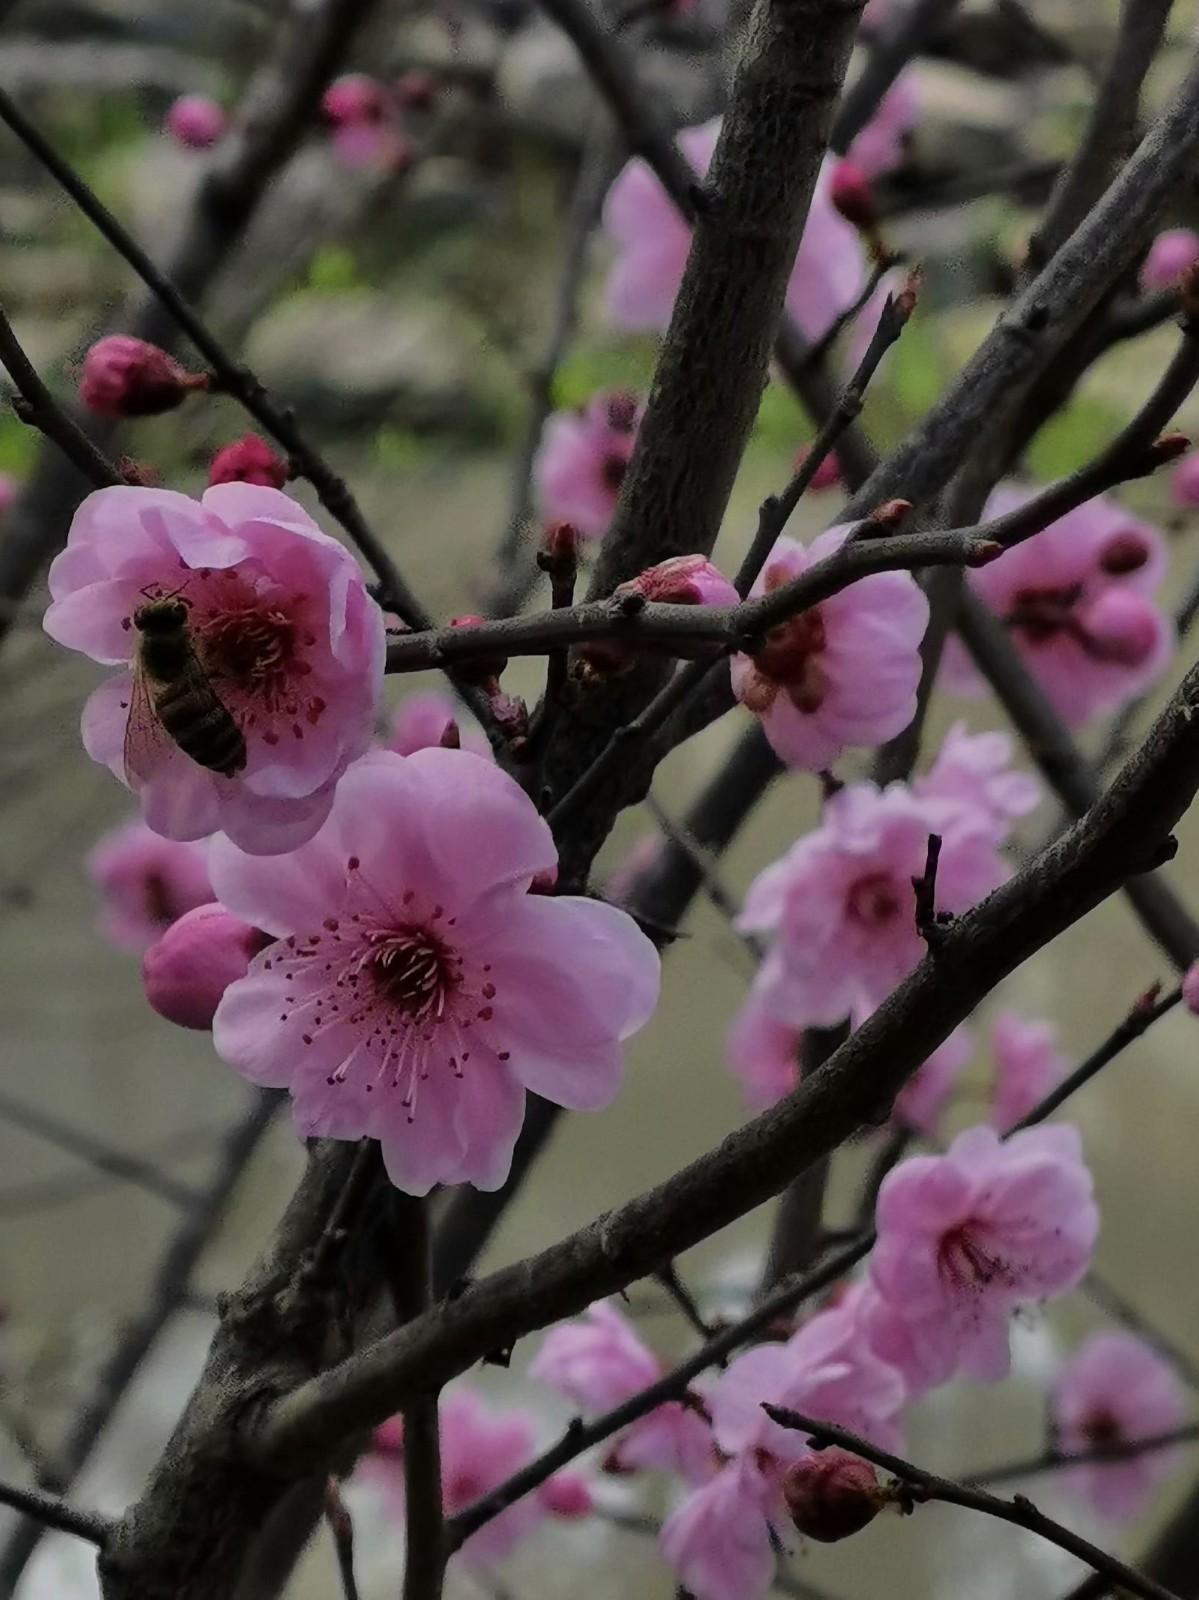 正月初六桃花开,蜜蜂闻讯采蜜来_图1-6